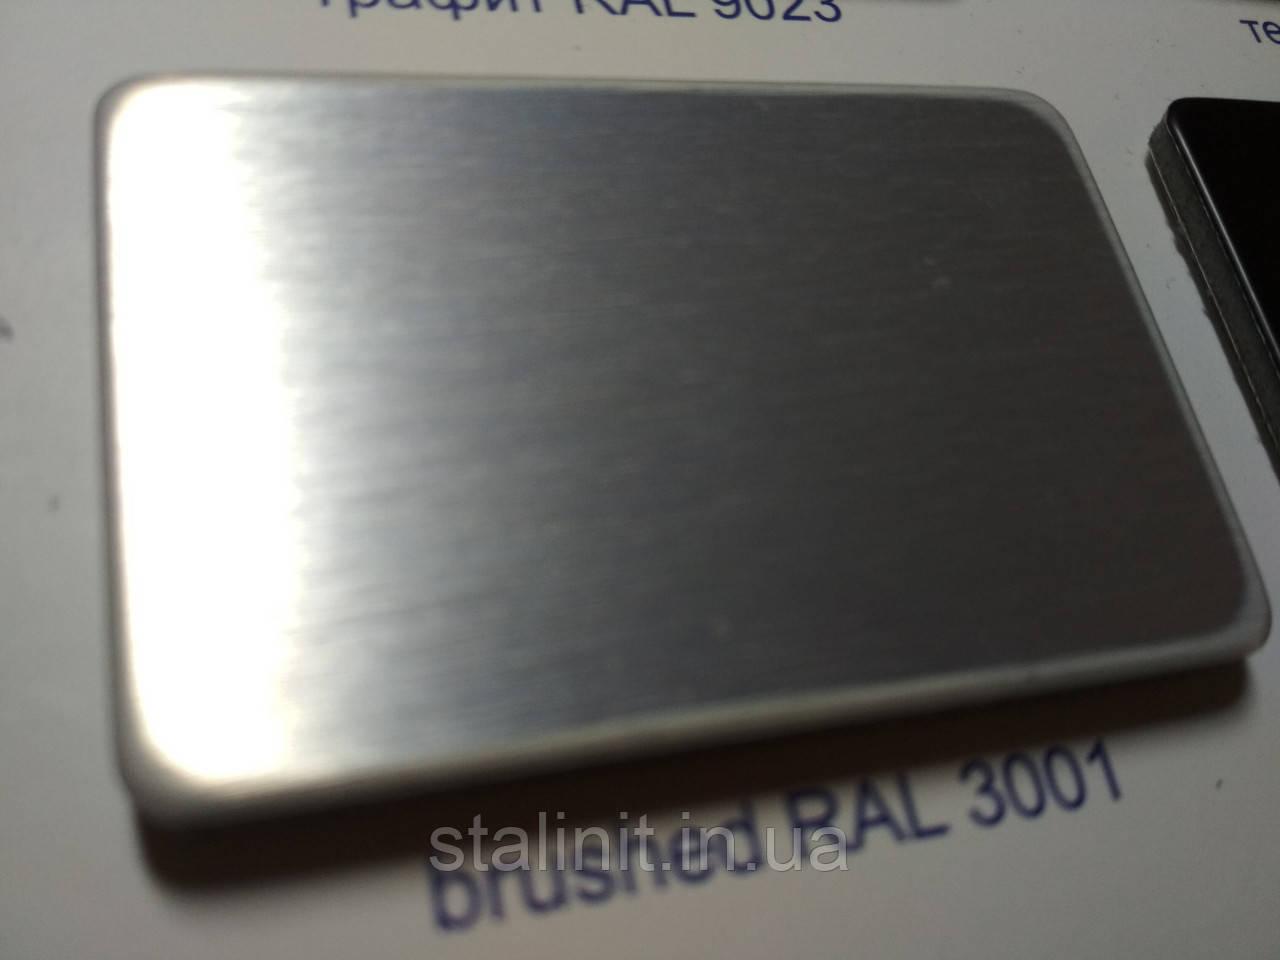 Брашированные композитные панели d=3 mm